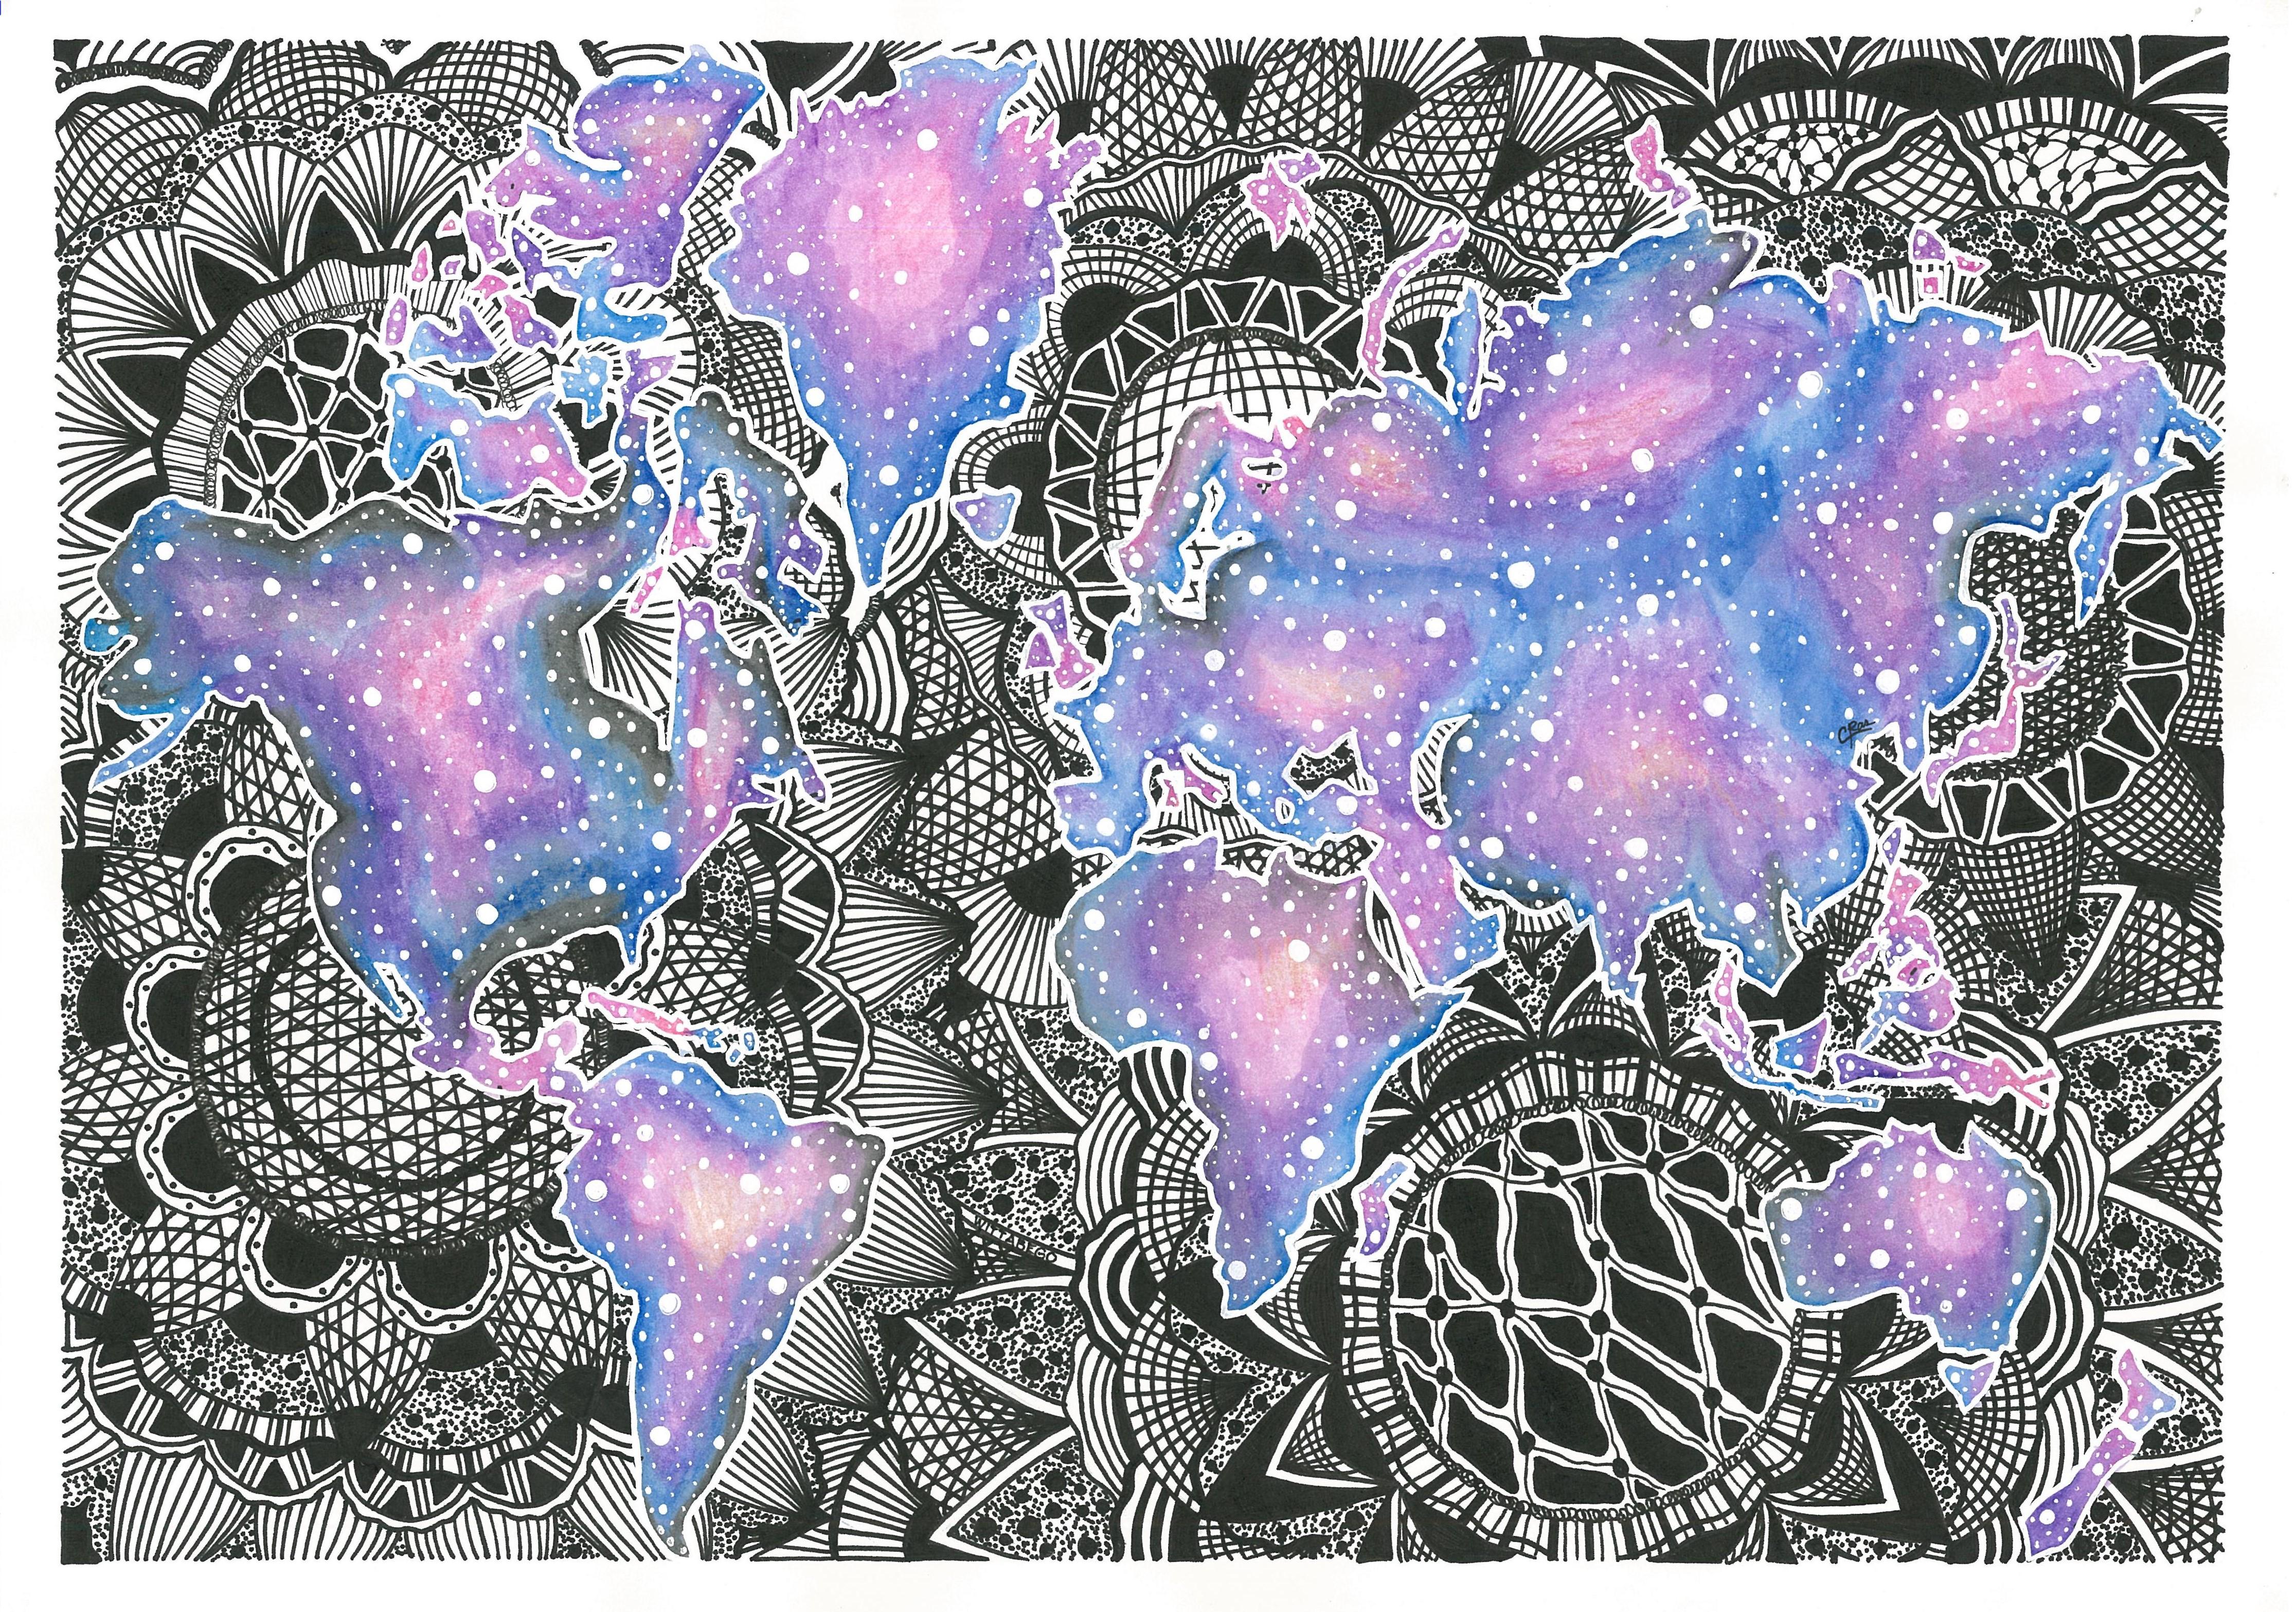 World Map Mandala and Galaxy